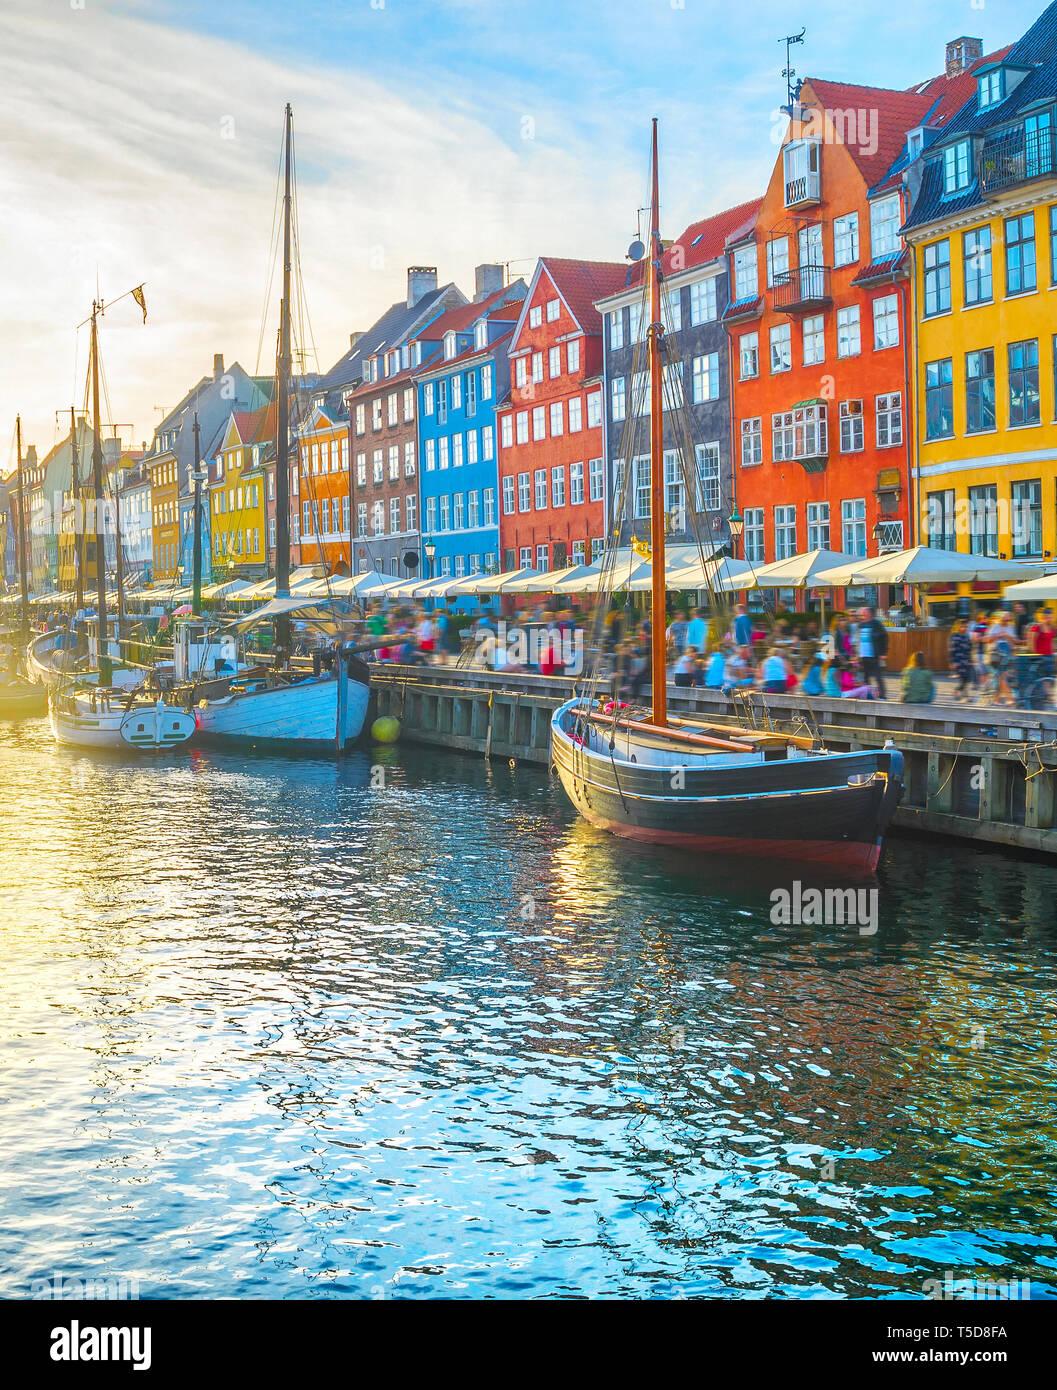 Nyhavn vista con botes por terraplén al atardecer, la gente caminar y sentarse en los restaurantes, Copenhague, Dinamarca Foto de stock